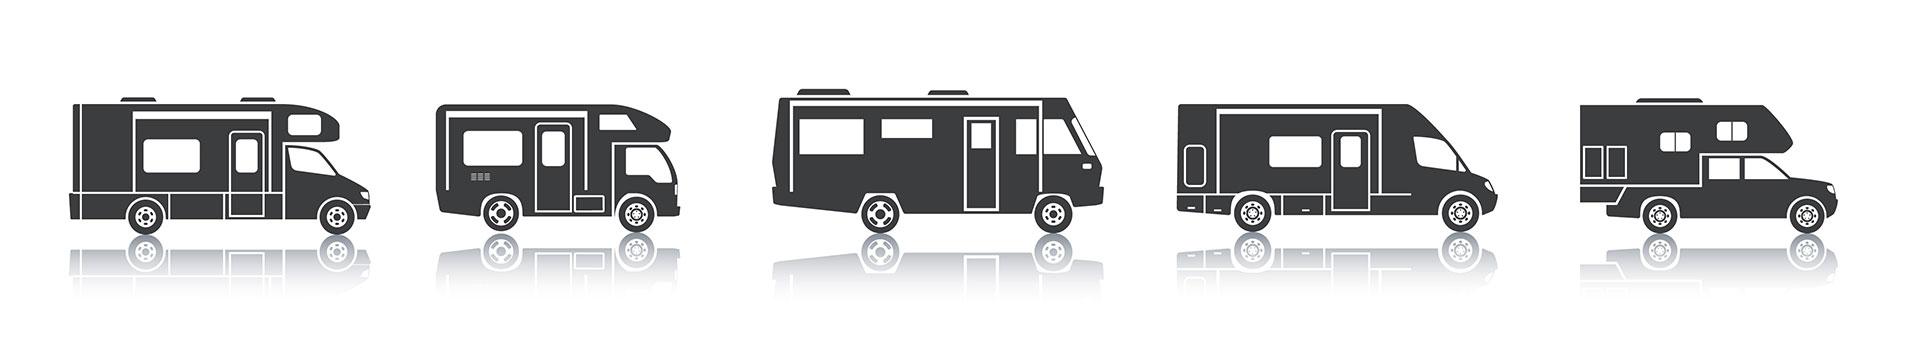 wohnmobil-wohnwagen-typen